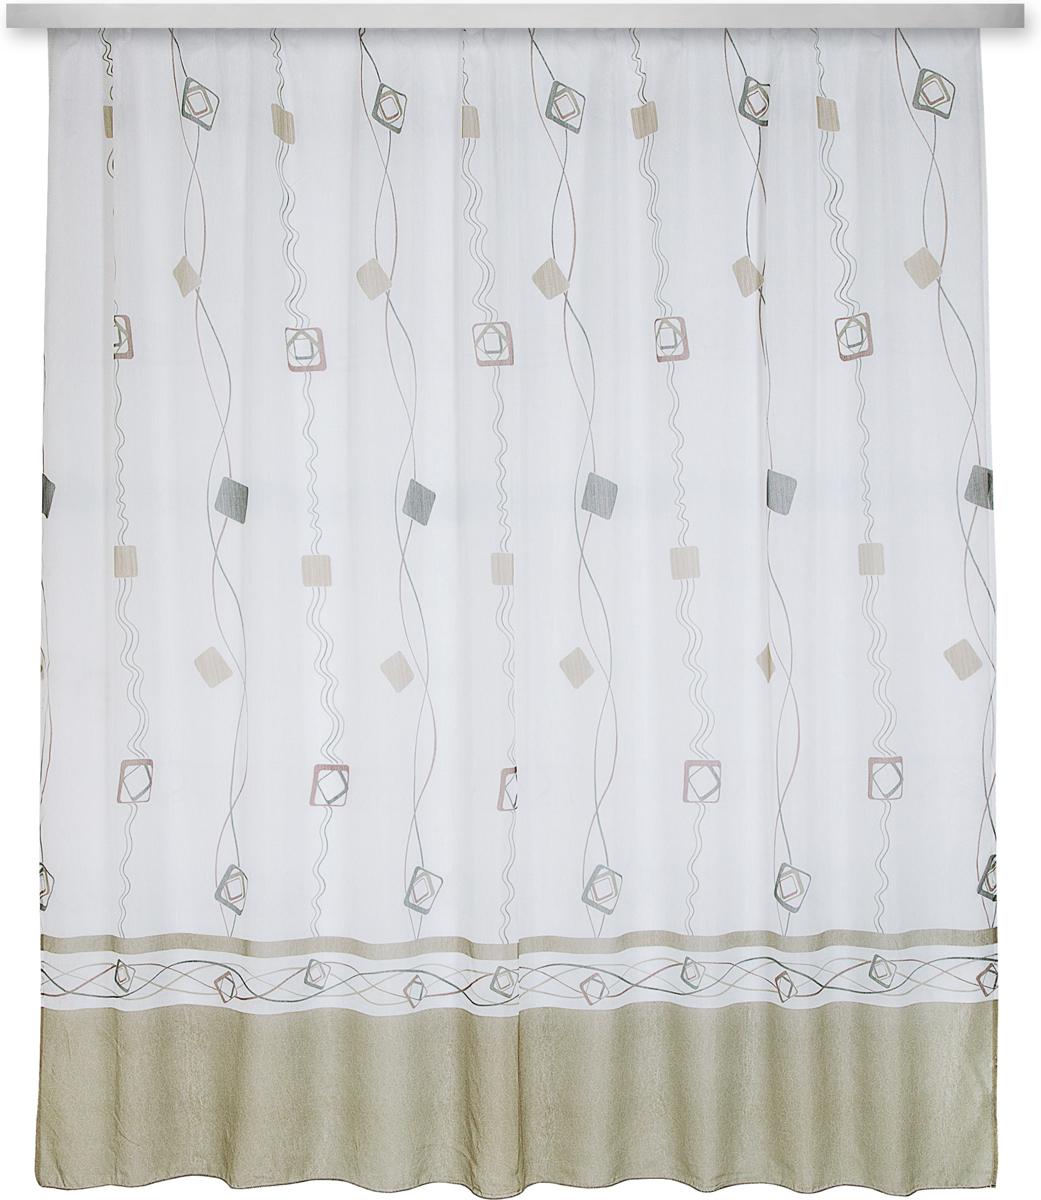 """Тюль """"Zlata Korunka"""", изготовленный из 100% полиэстера, великолепно украсит любое окно.  Воздушная ткань и приятная, приглушенная гамма привлекут к себе внимание и органично  впишутся в интерьер помещения.  Полиэстер - вид ткани, состоящий из полиэфирных волокон. Ткани из полиэстера -  легкие, прочные и износостойкие. Такие изделия не требуют специального ухода, не пылятся и  почти не мнутся. Крепление к карнизу осуществляется с использованием ленты-тесьмы.  Такой тюль идеально оформит интерьер любого помещения.Рекомендации  по уходу: - ручная стирка, - можно гладить, - нельзя отбеливать."""